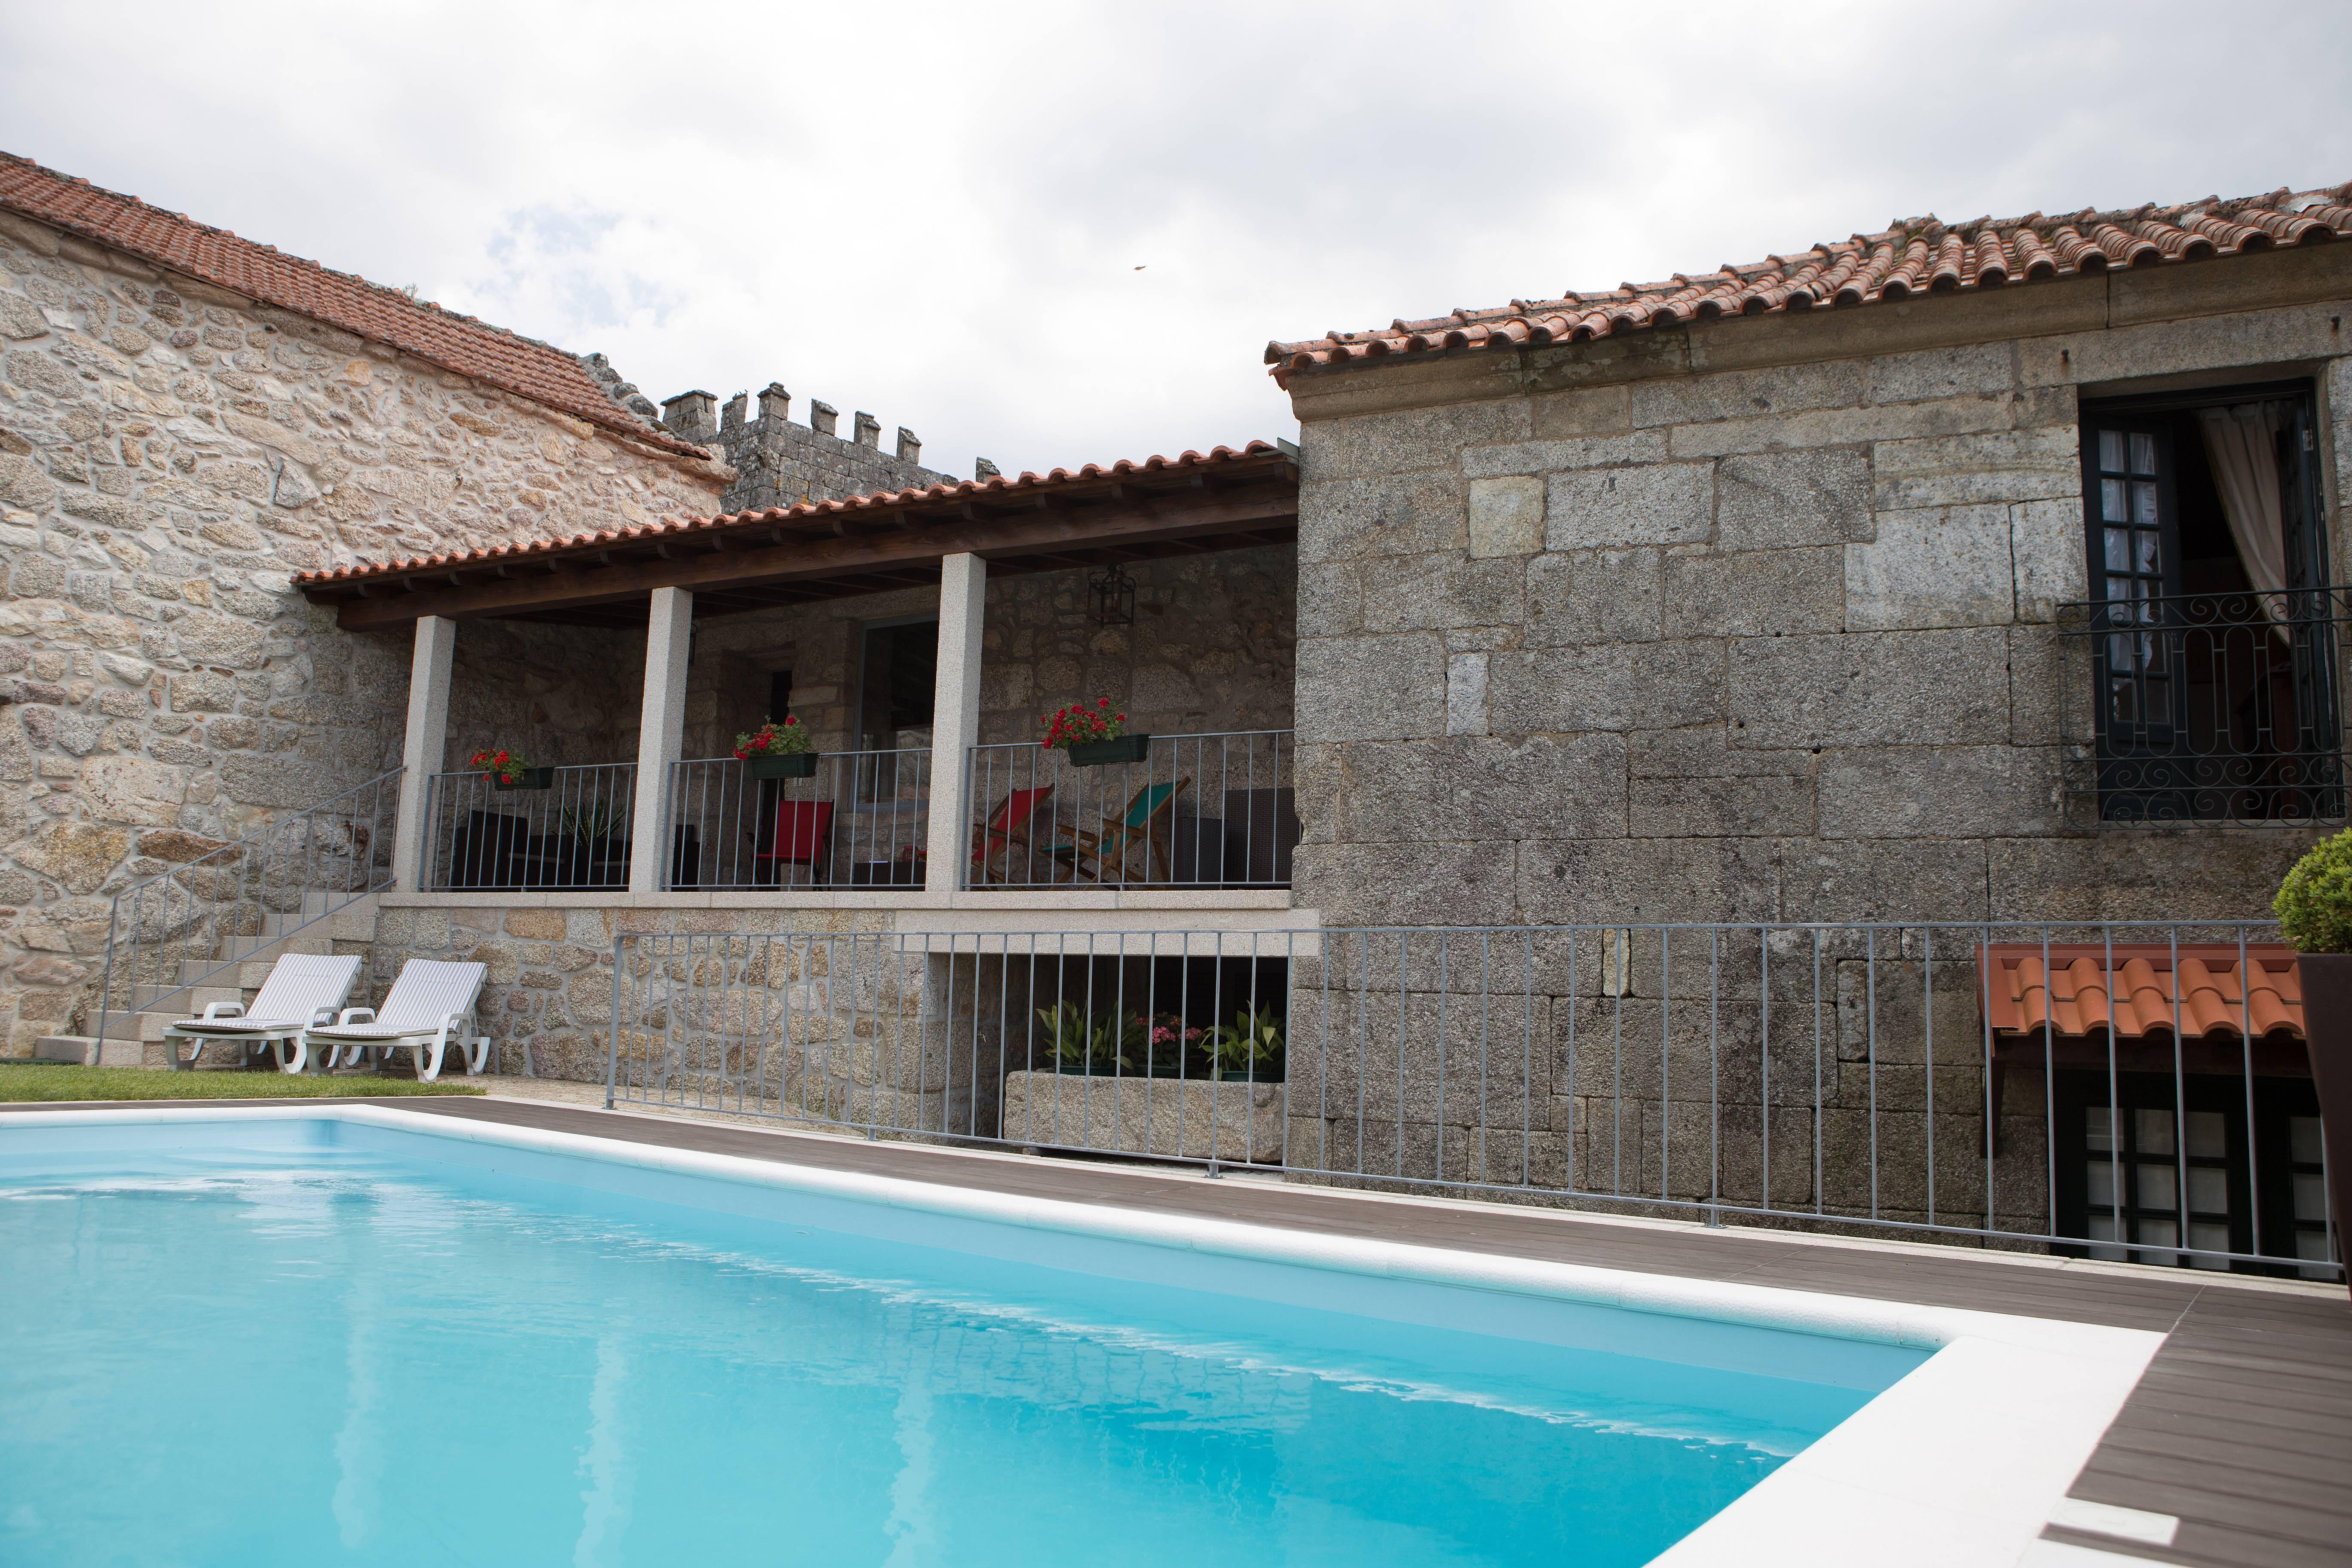 297a3ccbb1cd2 Alquiler apartamentos vacacionales en Cabeceiras de Basto - Braga y casas  rurales